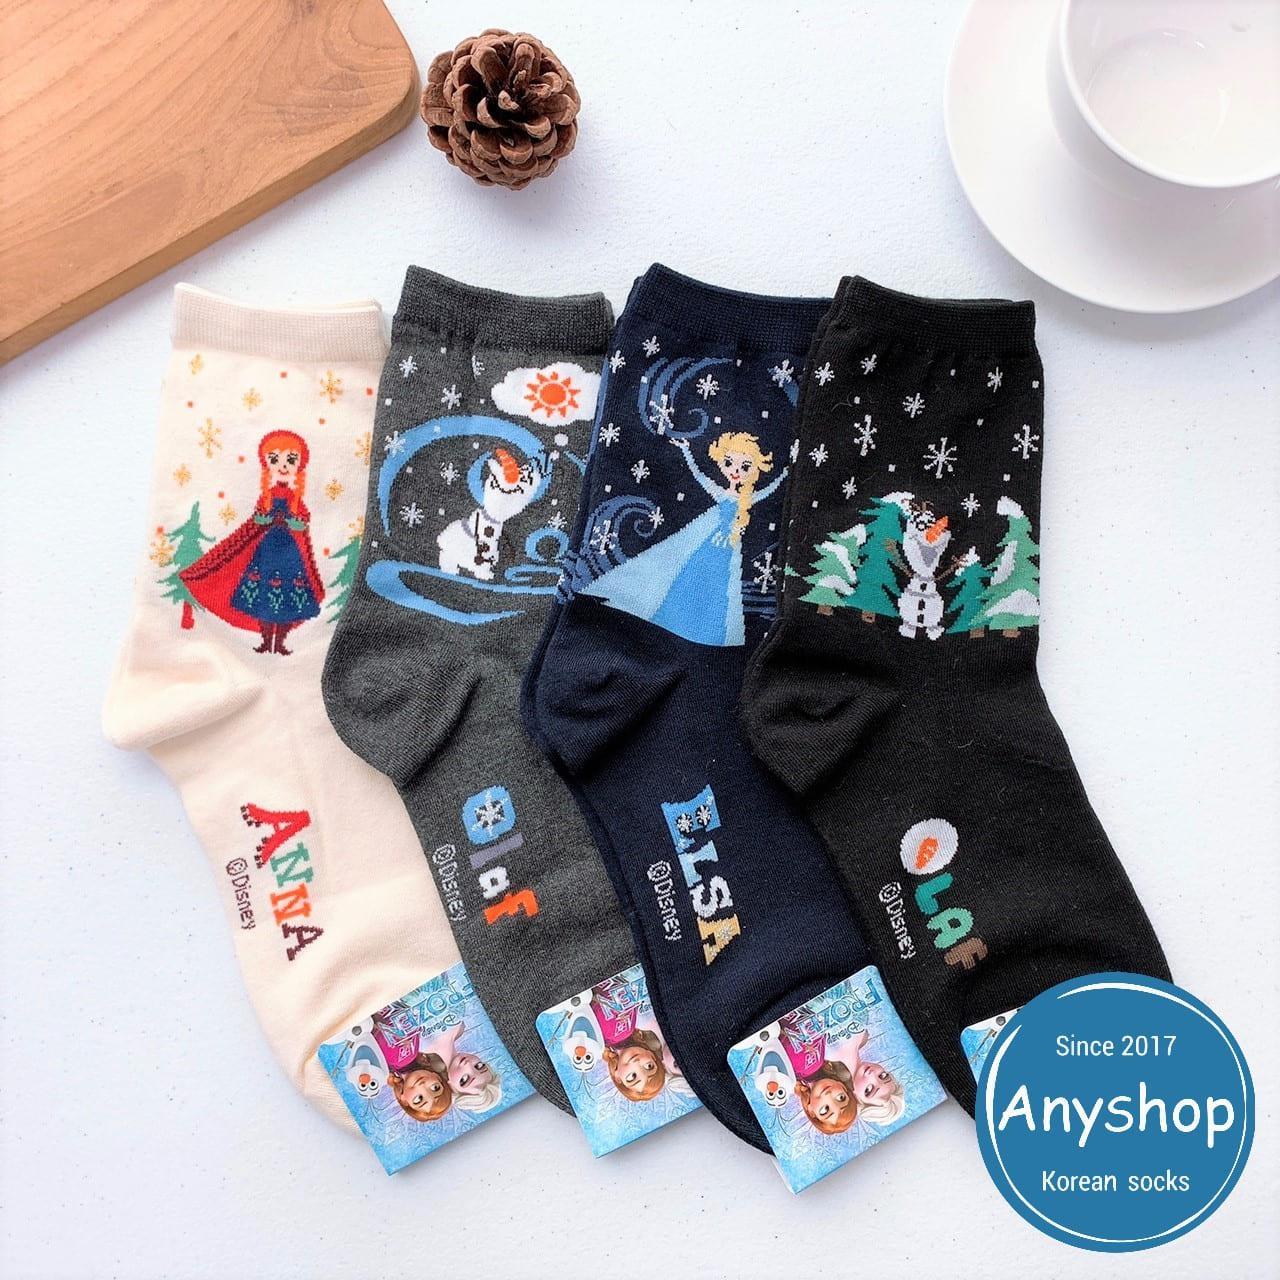 韓國襪-[Anyshop]冰雪奇緣中筒襪